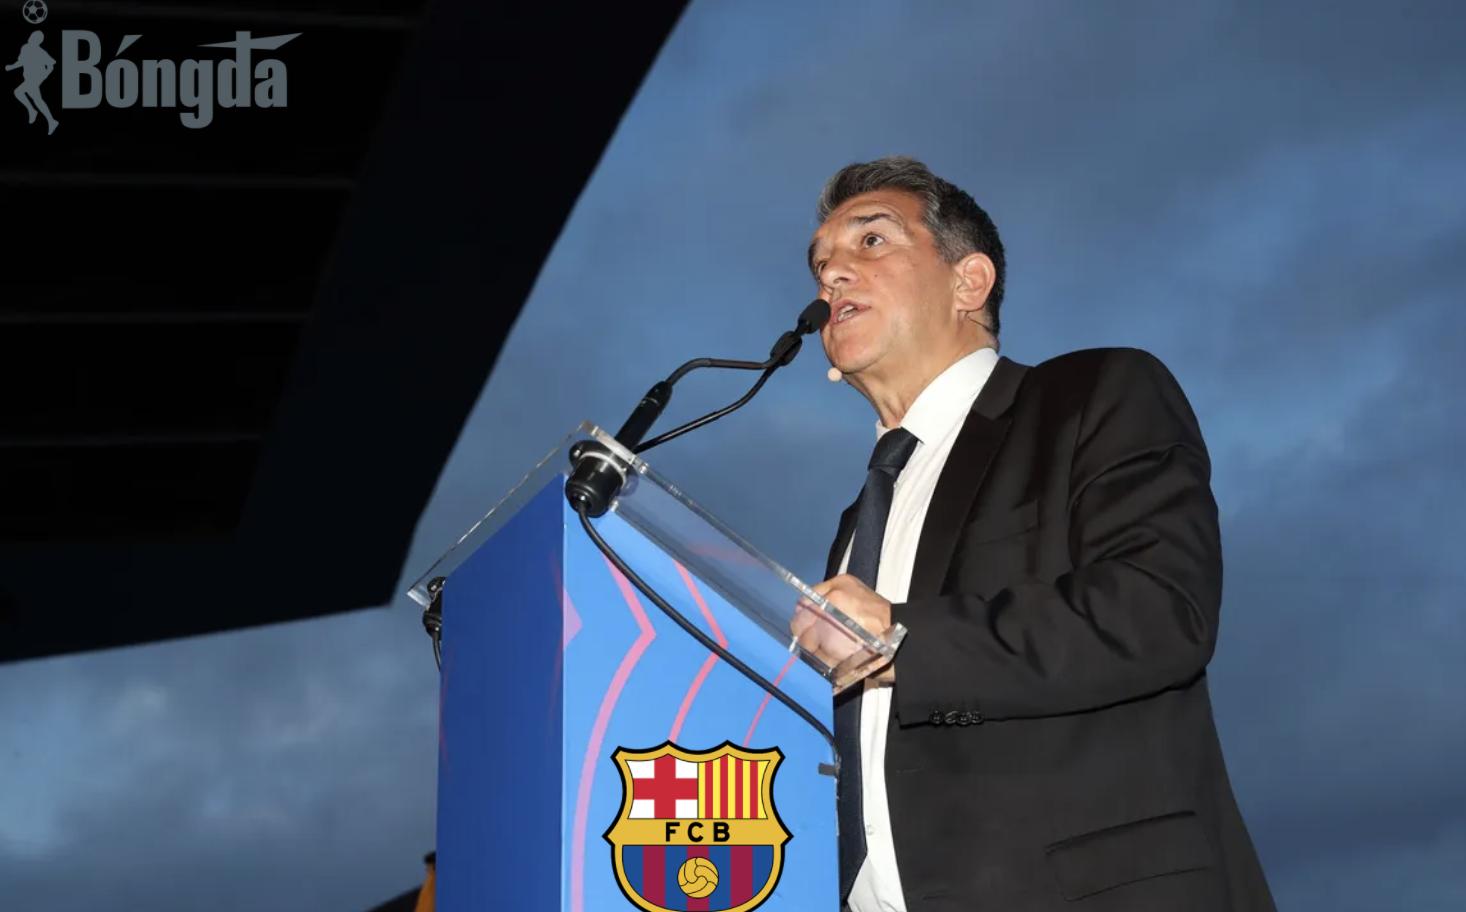 Tân chủ tịch Barcelona thúc giục Messi ở lại và ủng hộ HLV Koeman tại lễ nhậm chức